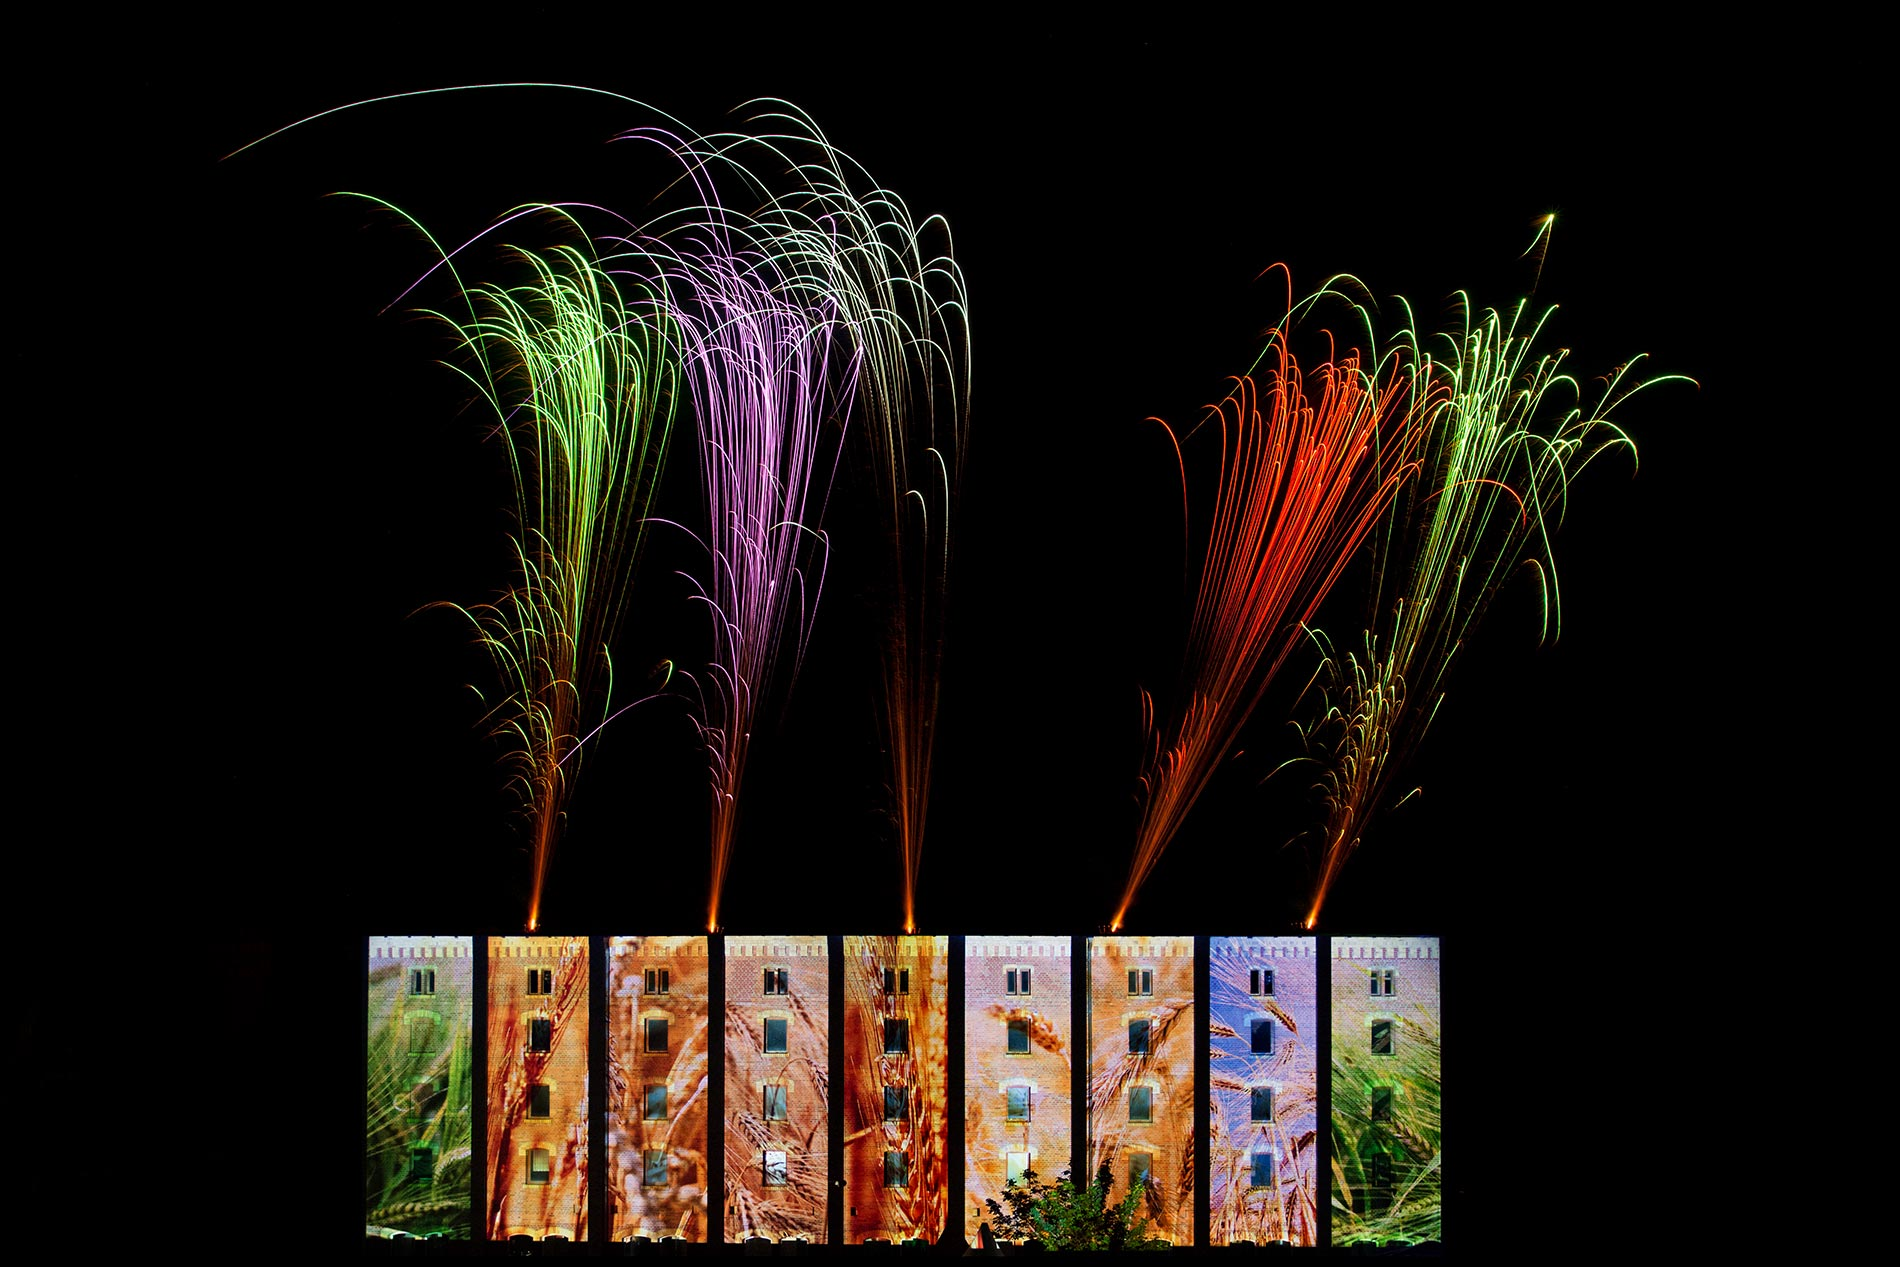 Kombination von Feuershow und 3D Mapping